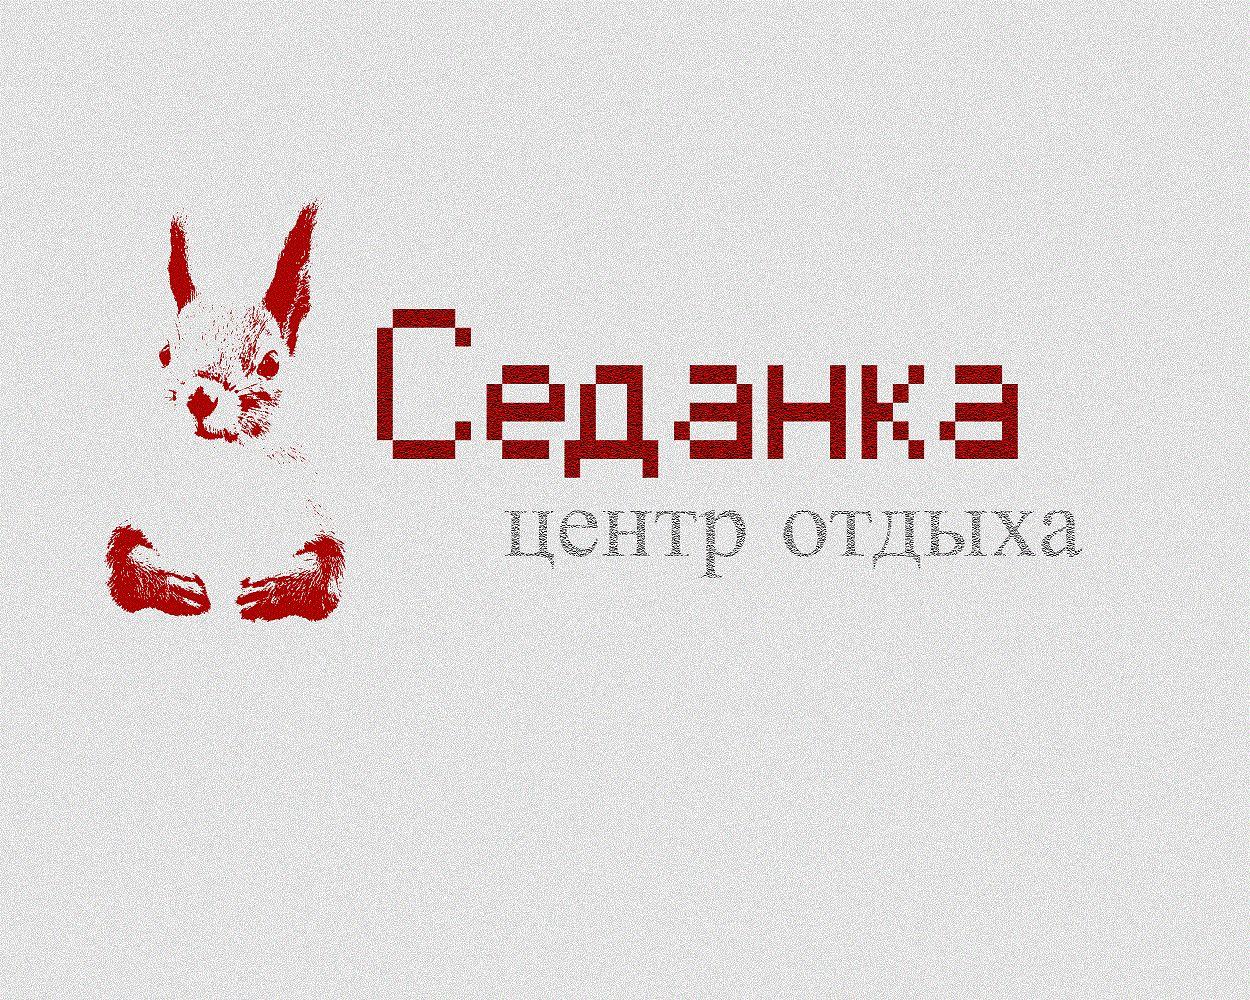 Логотип для центра отдыха - дизайнер zeykandeveloper